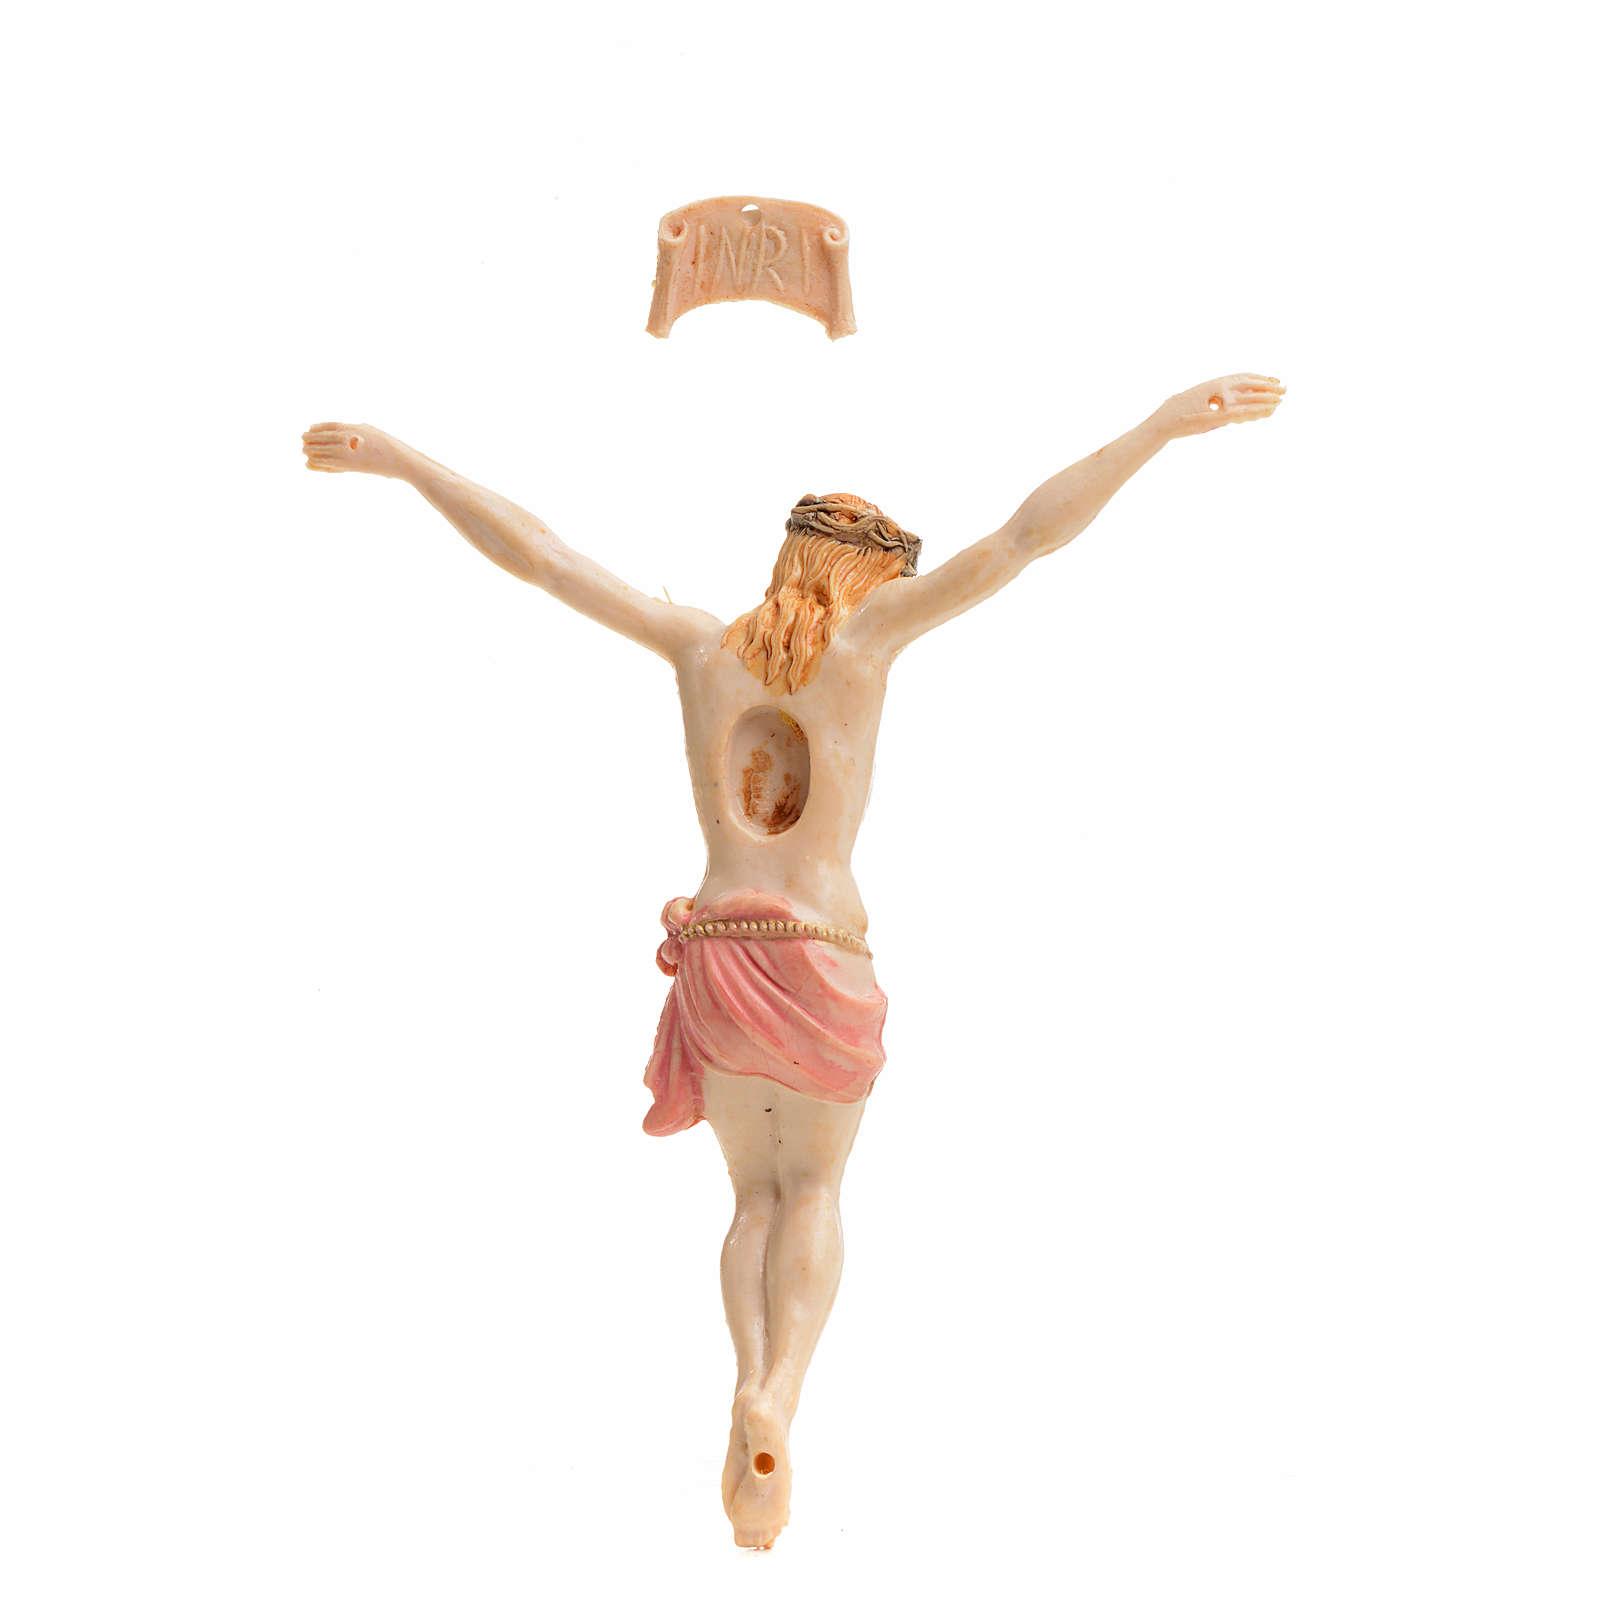 Corps du Christ pvc 9 cm Fontanini type porcelaine 4